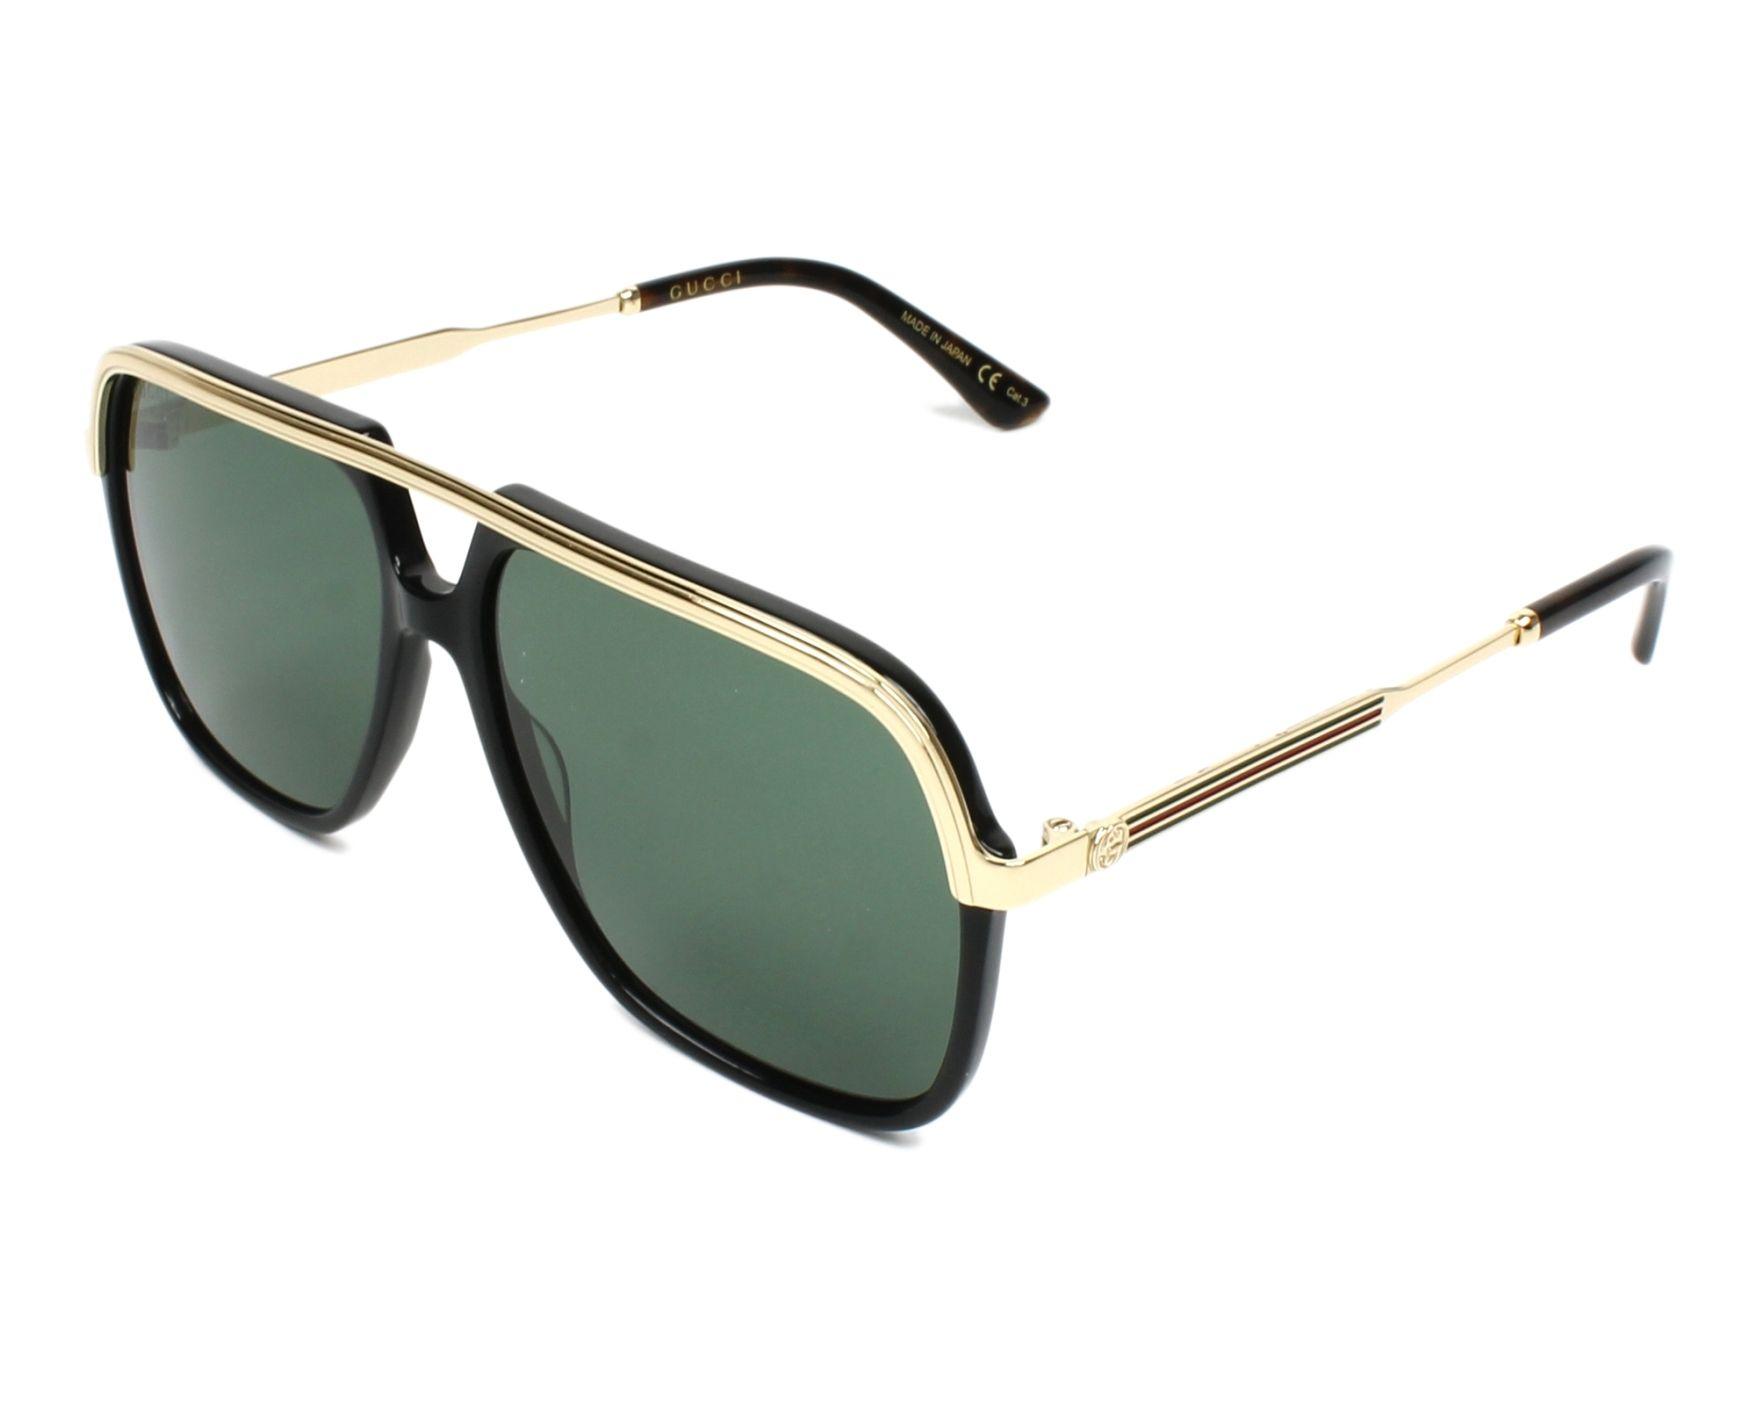 Gucci GG 0200 S 001